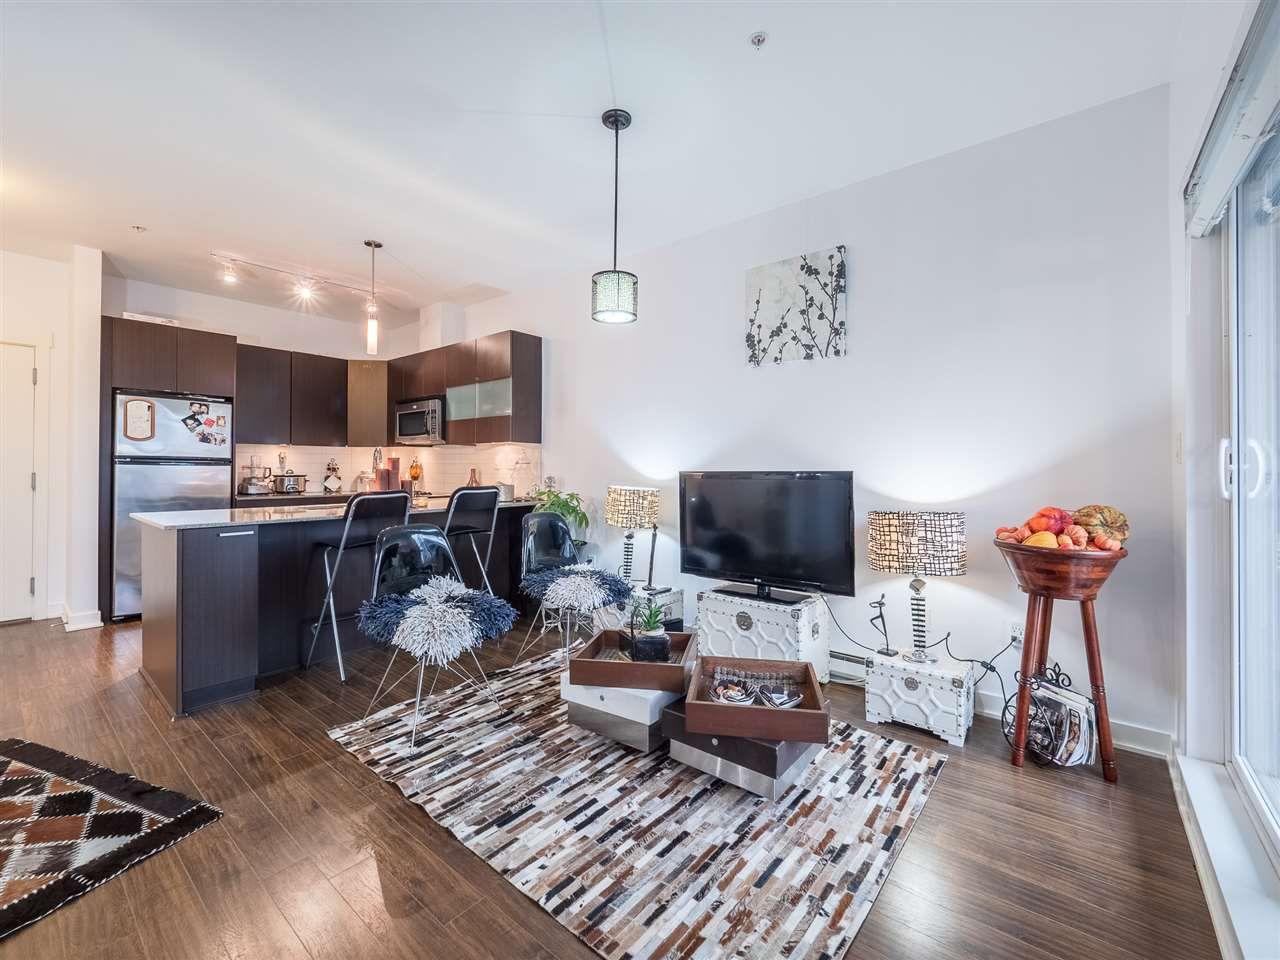 Main Photo: 424 13321 102A AVENUE in Surrey: Whalley Condo for sale (North Surrey)  : MLS®# R2333147